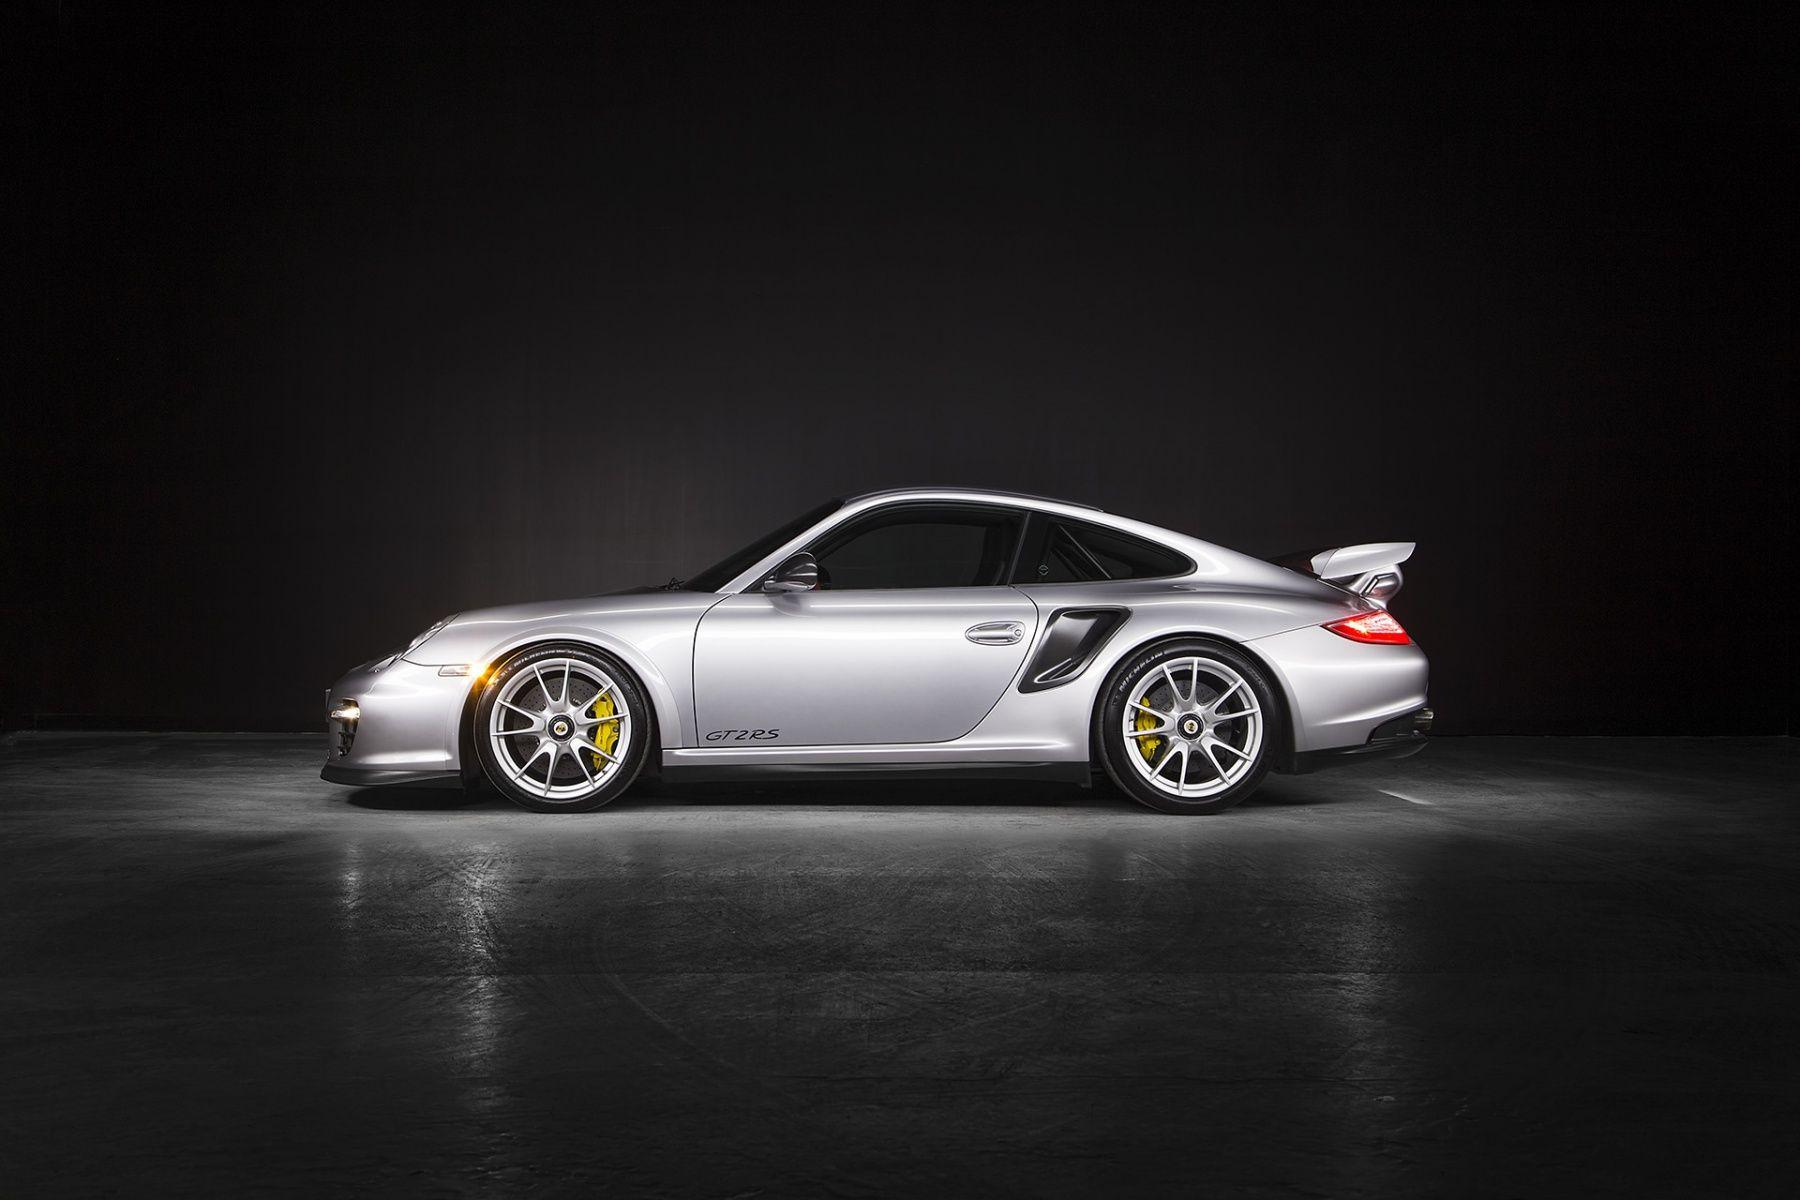 69f6820a8b639735a2cdc1418a2469b0 Astounding Porsche 911 Gt2 Car and Driver Cars Trend